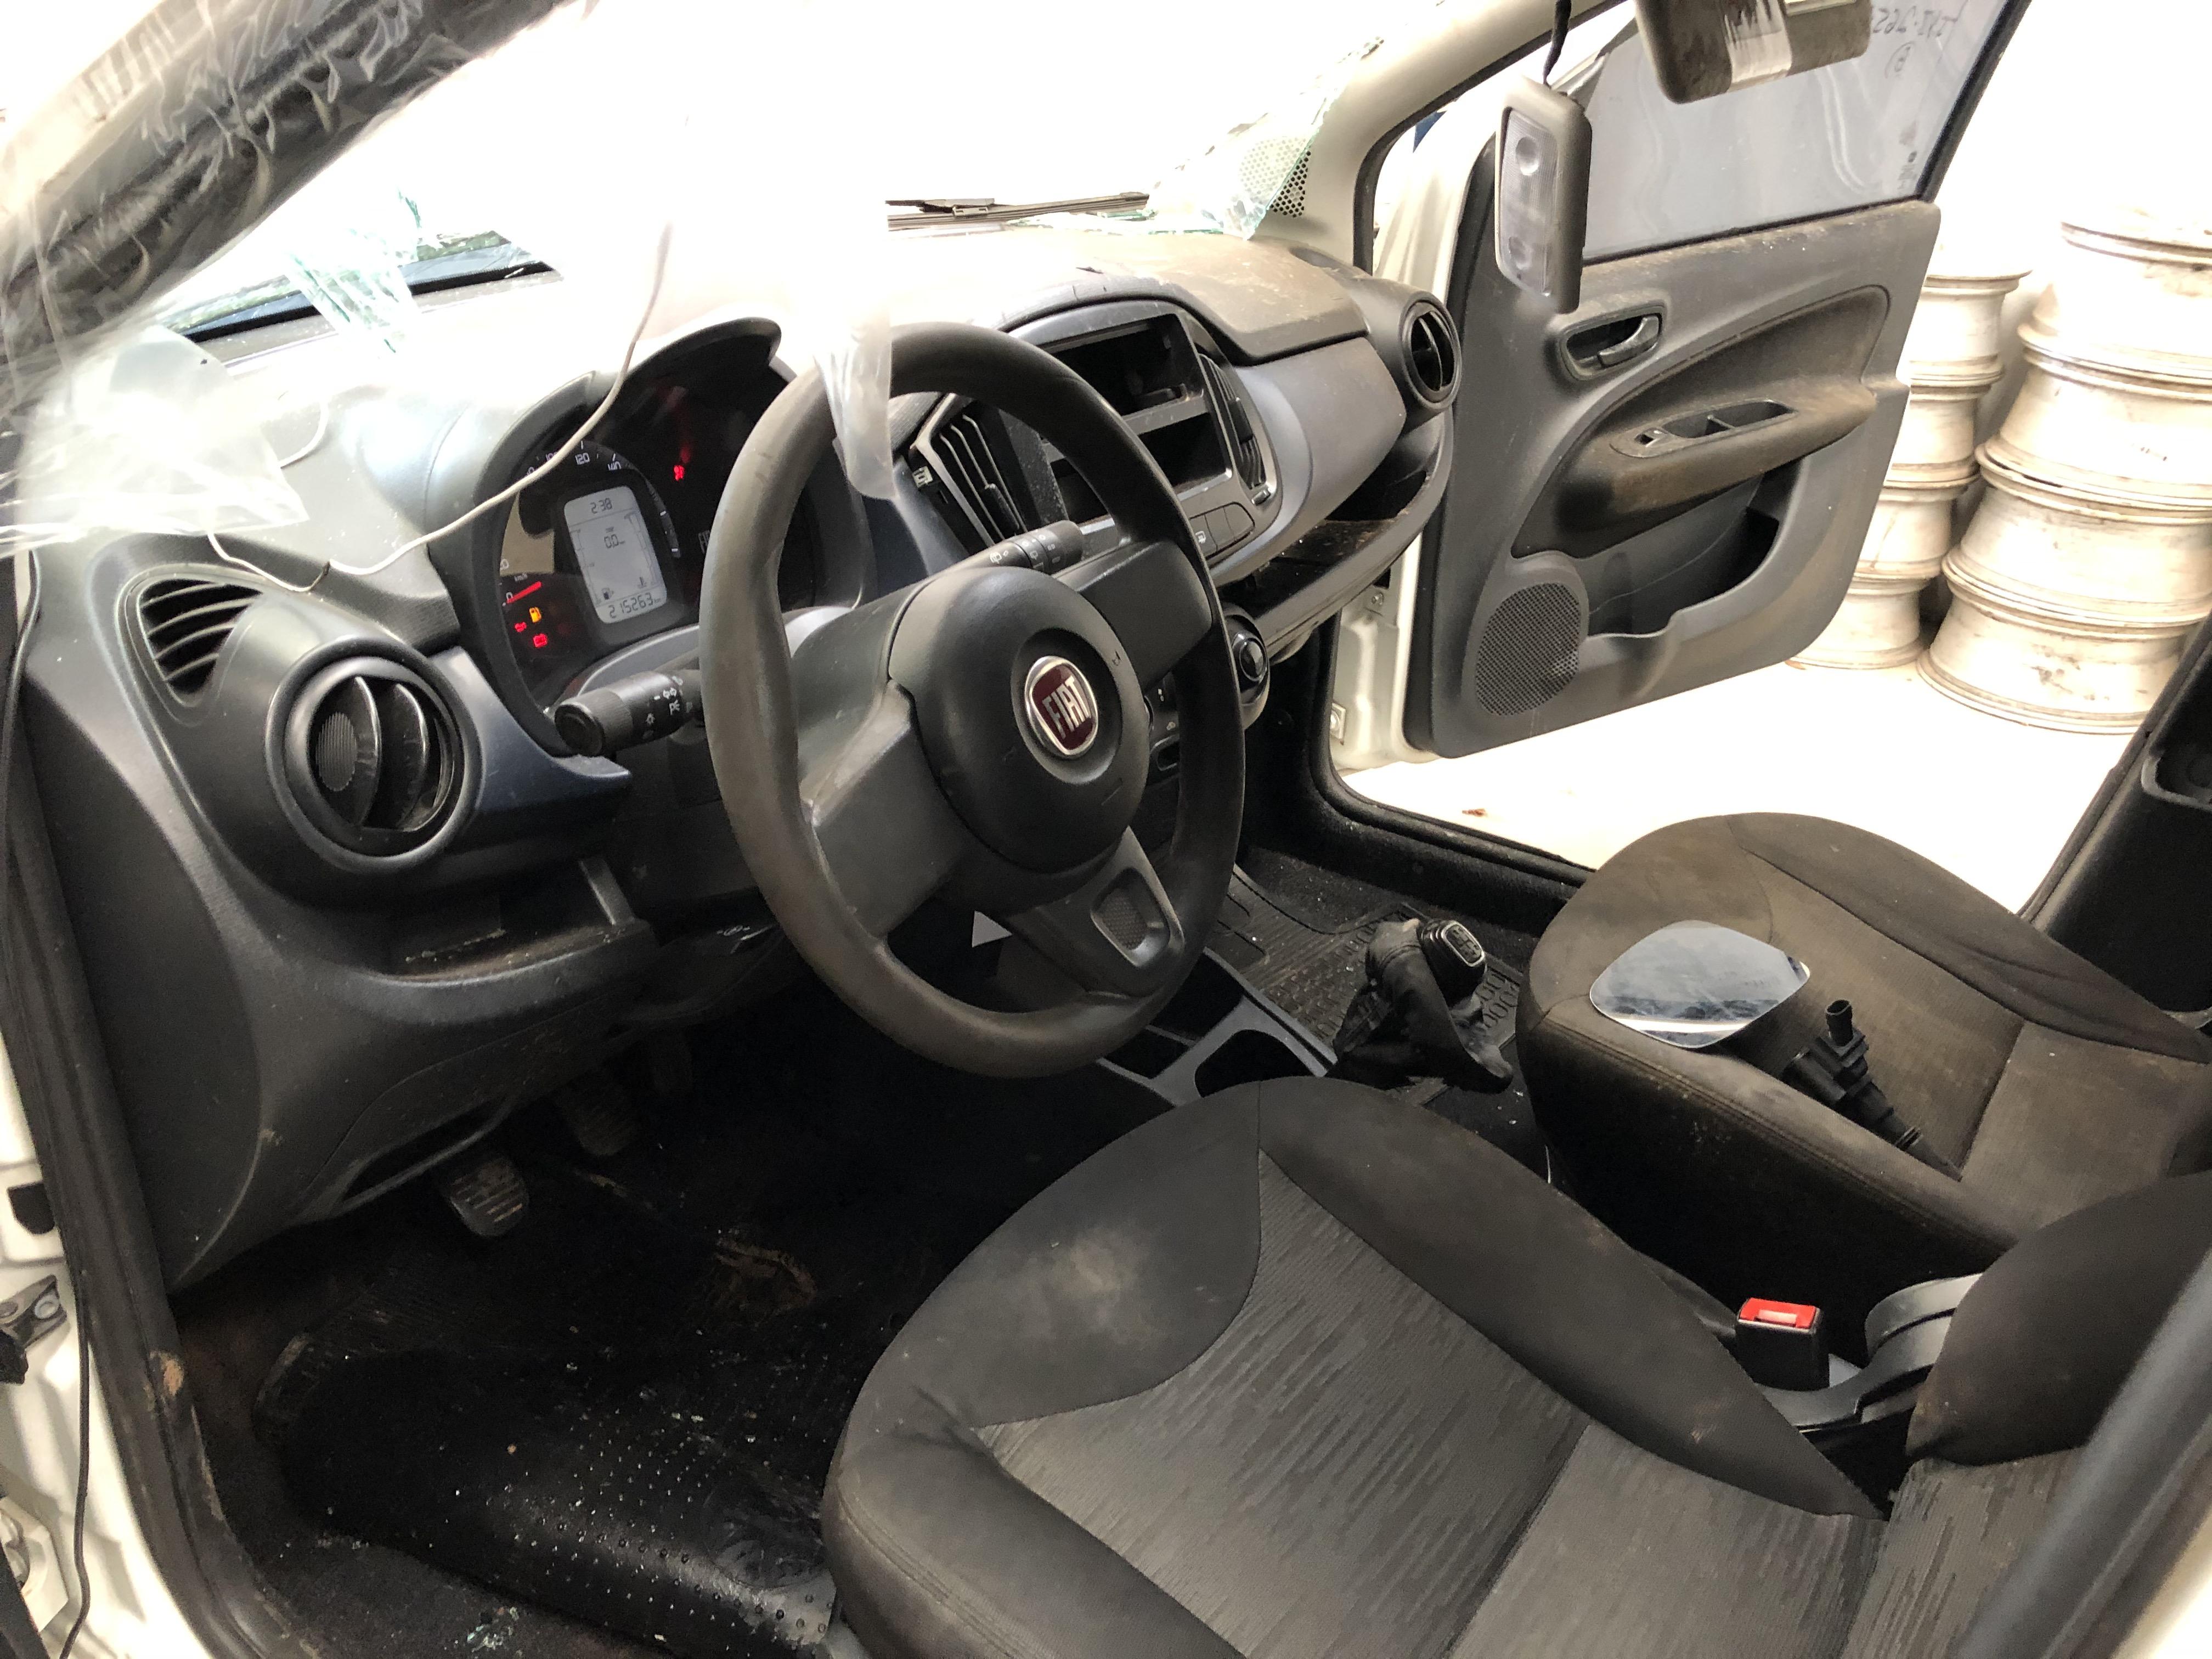 Uno Drive 1.0 18-18 - 3